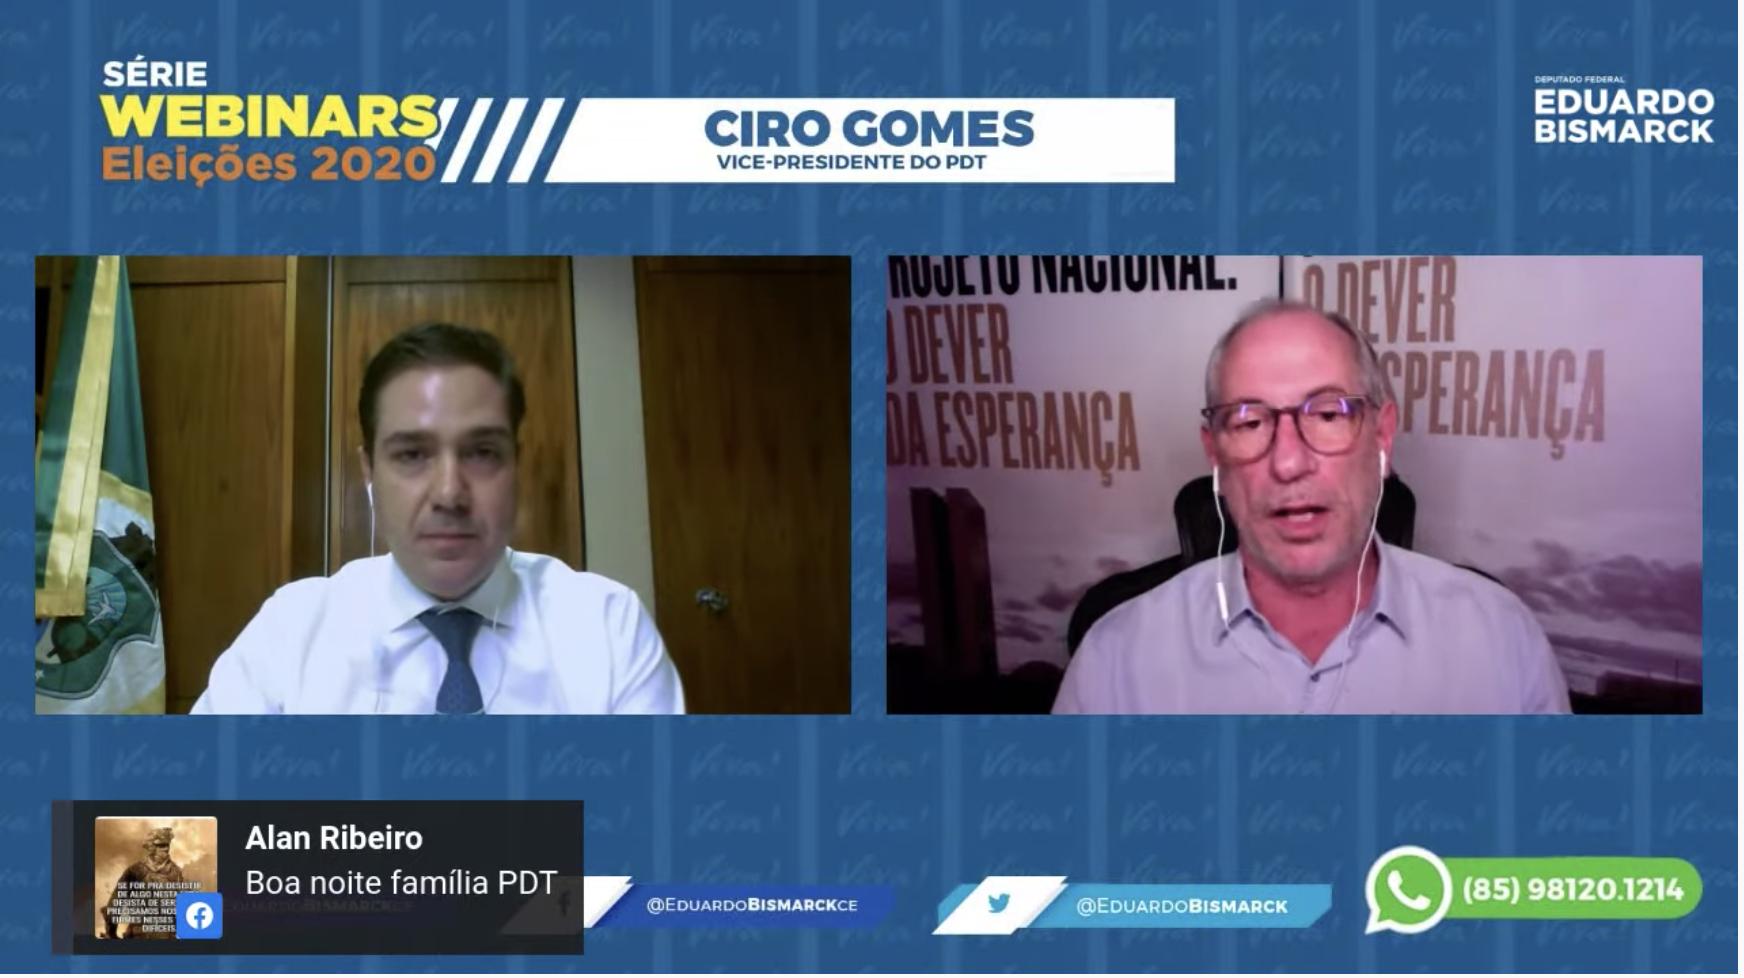 Ciro Gomes rasga elogios a Eduardo Bismarck no encerramento da série Webinars Eleições 2020